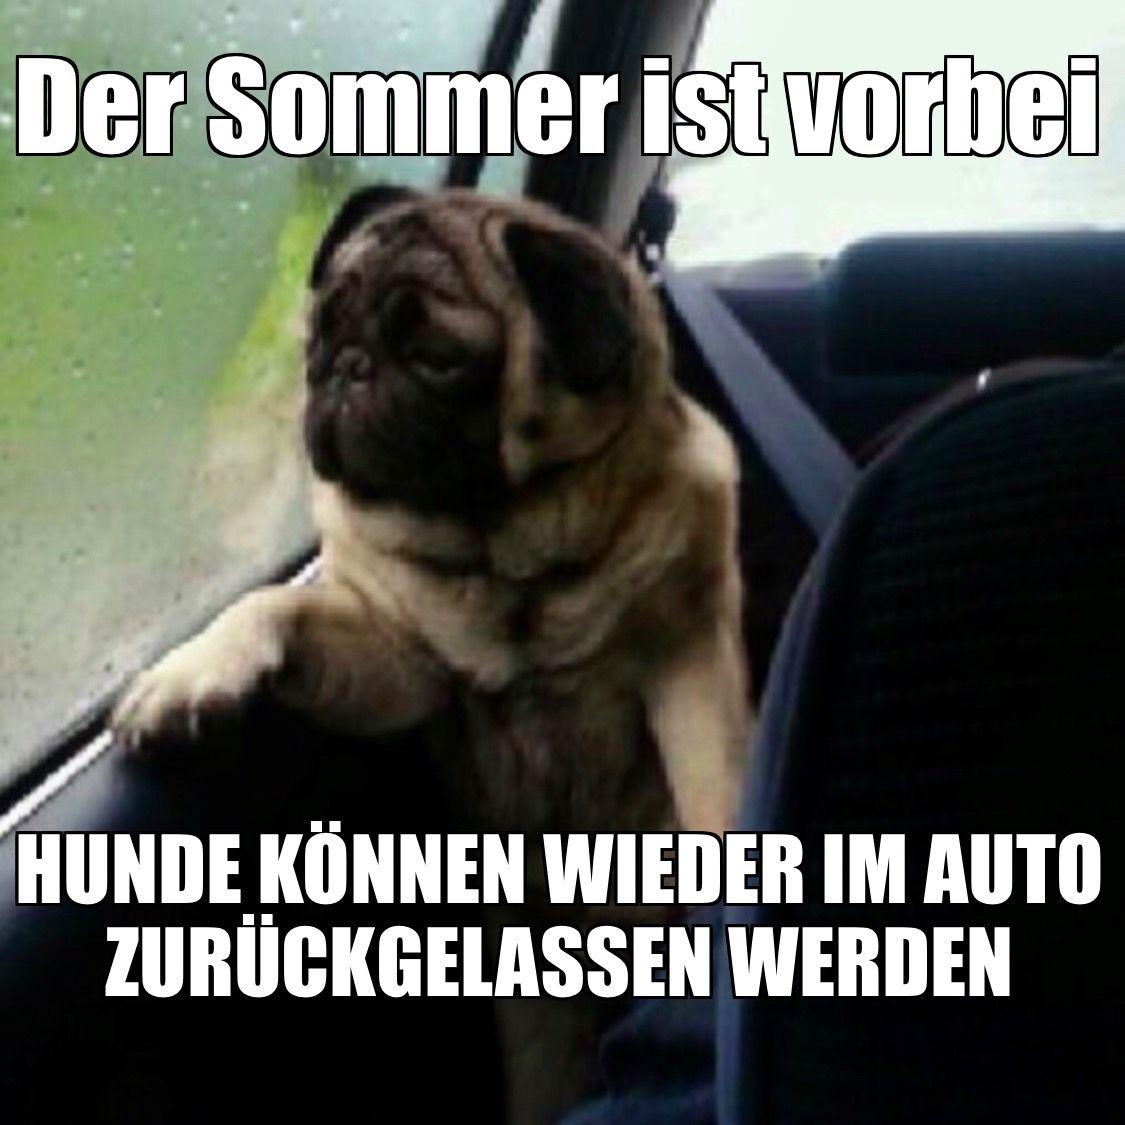 Hunde Konnen Wieder Im Auto Zuruckgelassen Werden Memes Humor Hund Auto Satire